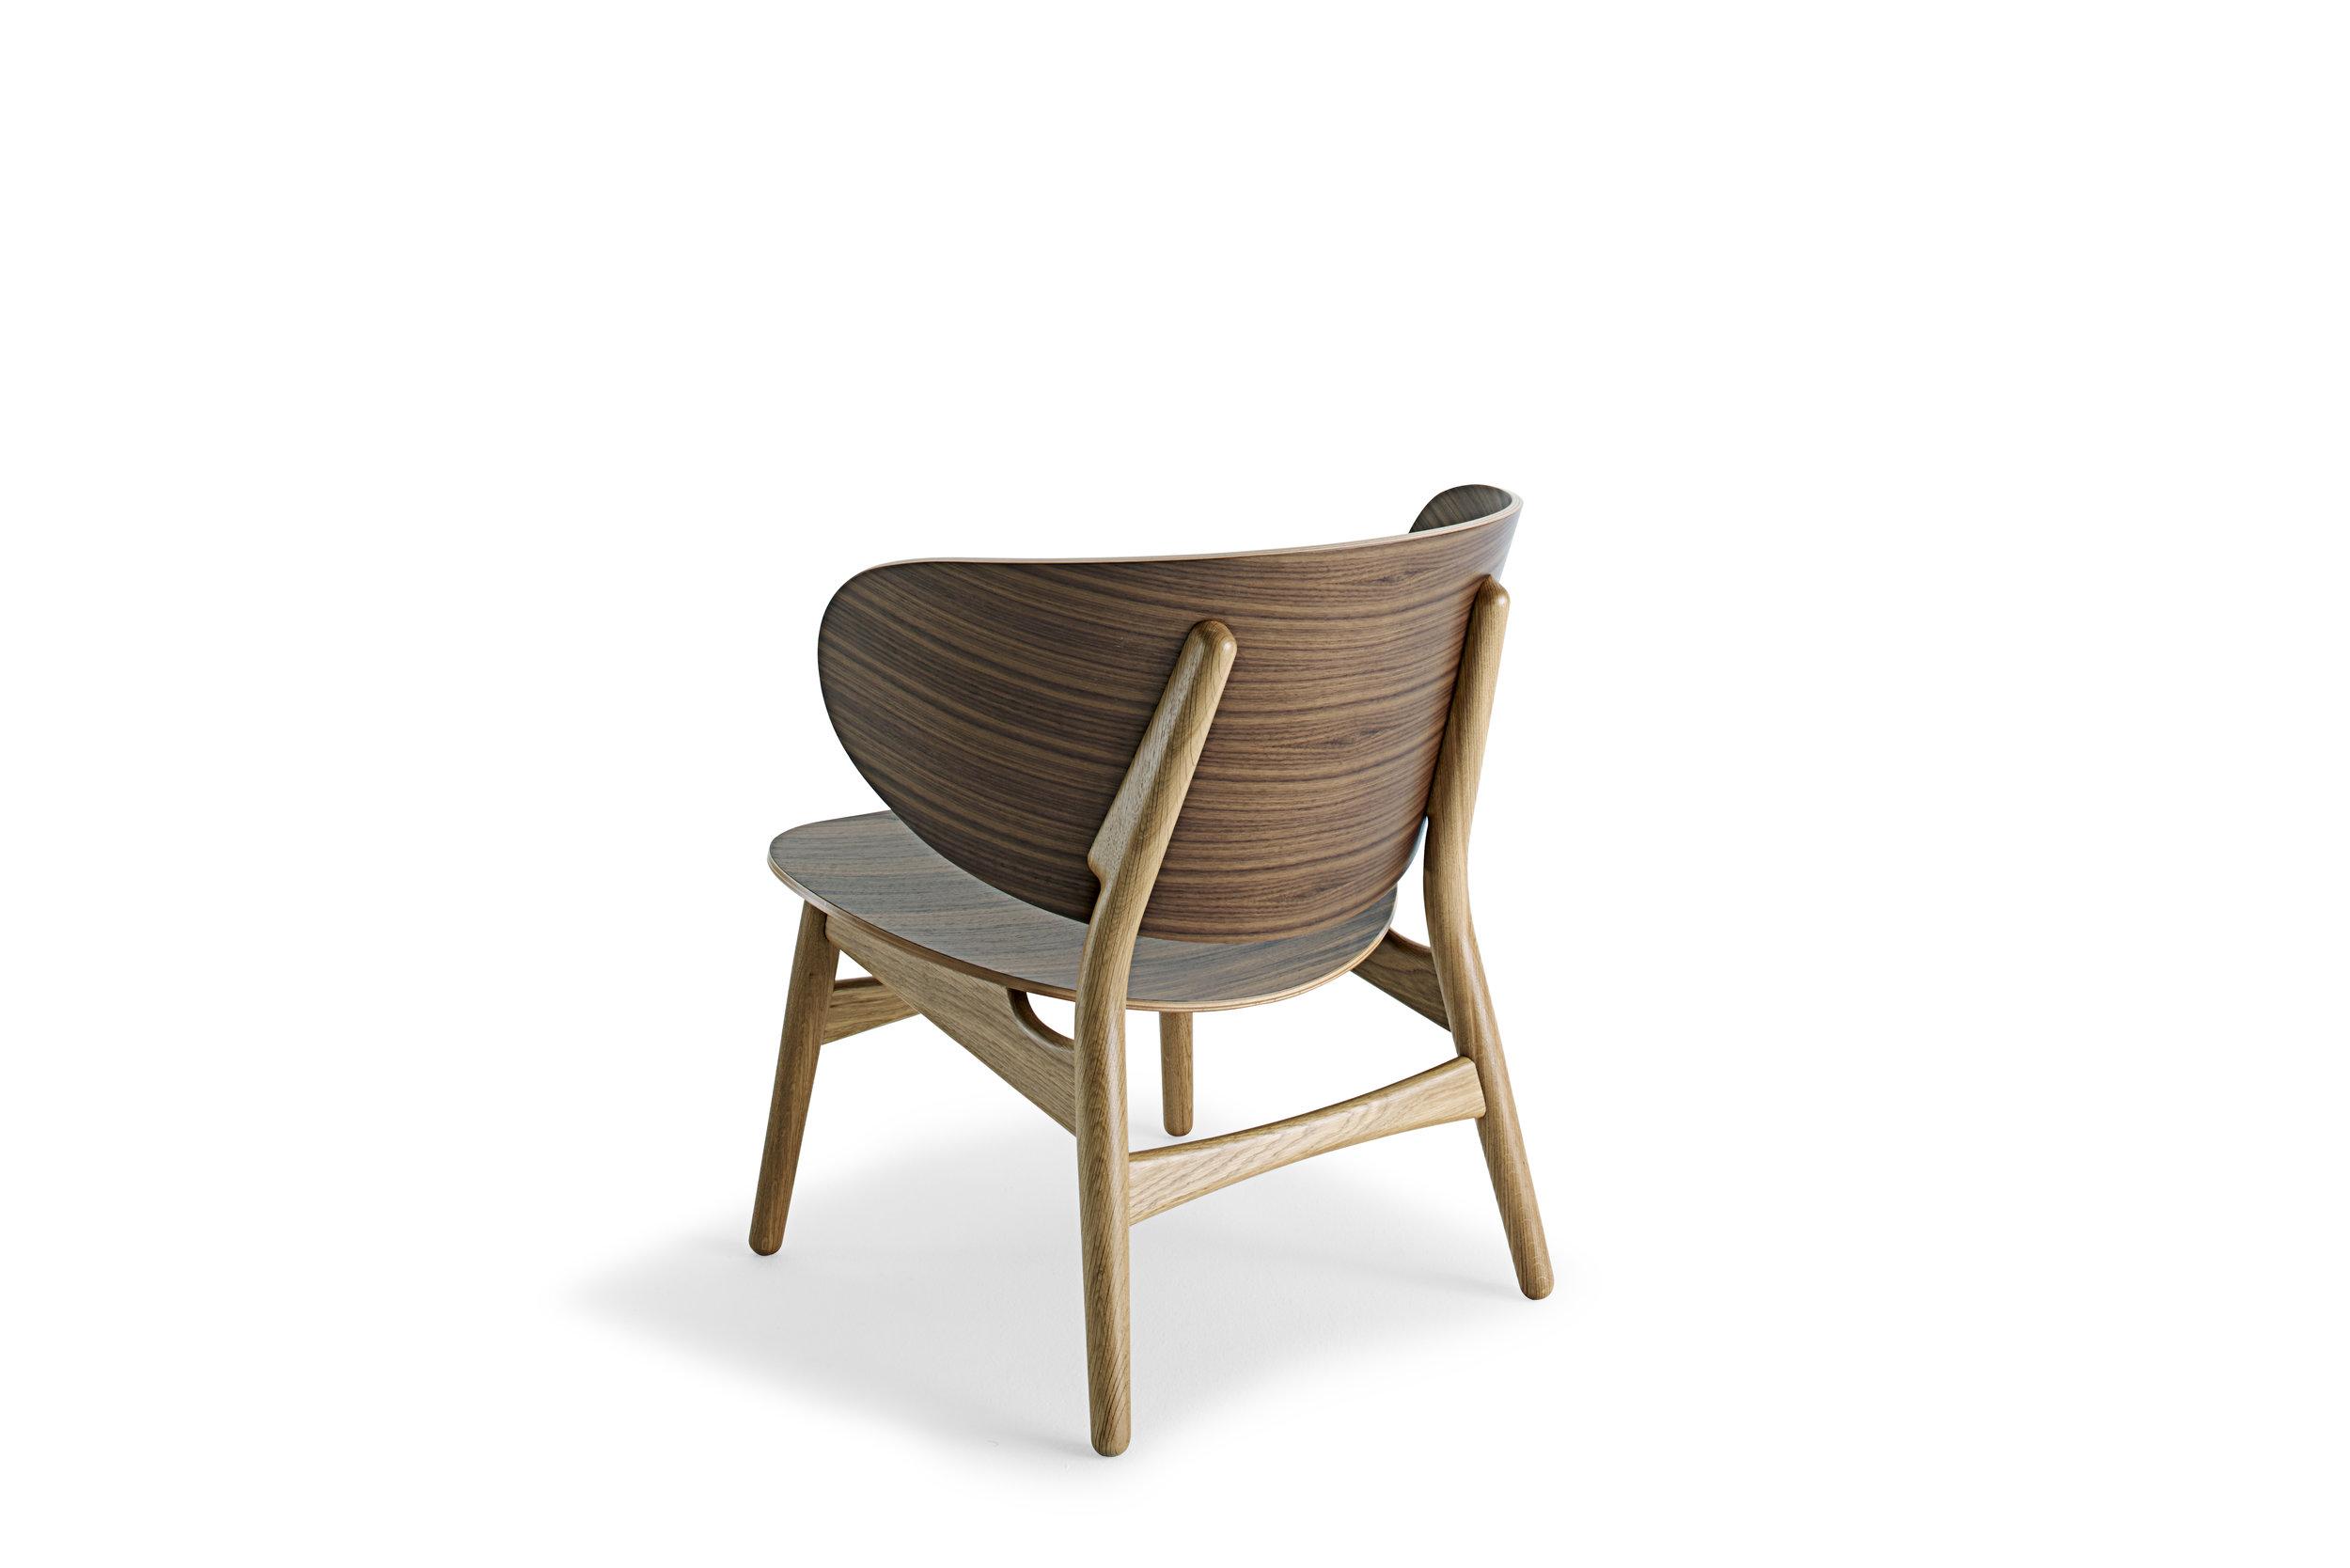 GE1936_GE_1936_Easy_Chair_Hans_Wegner_Getama_Gestalt_Newyork_9.jpg